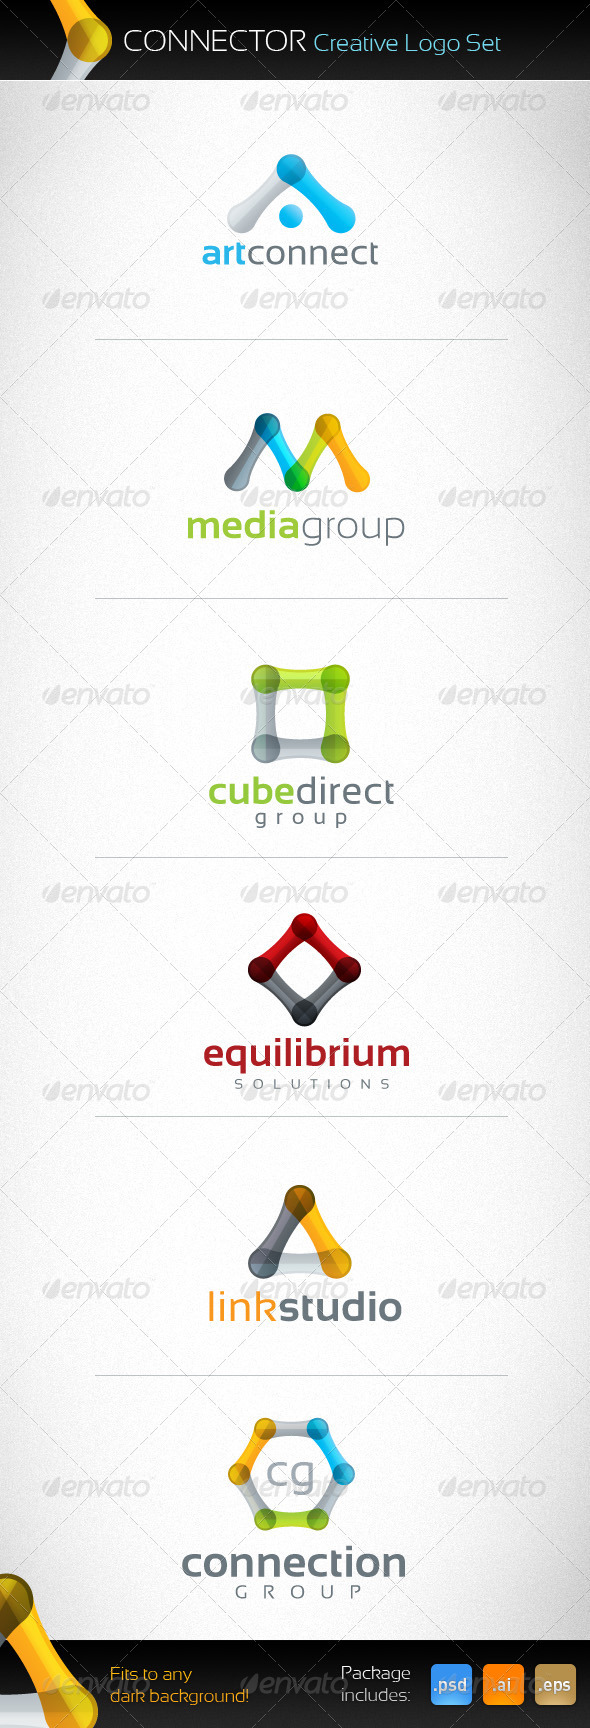 Connector Creative Logo Set